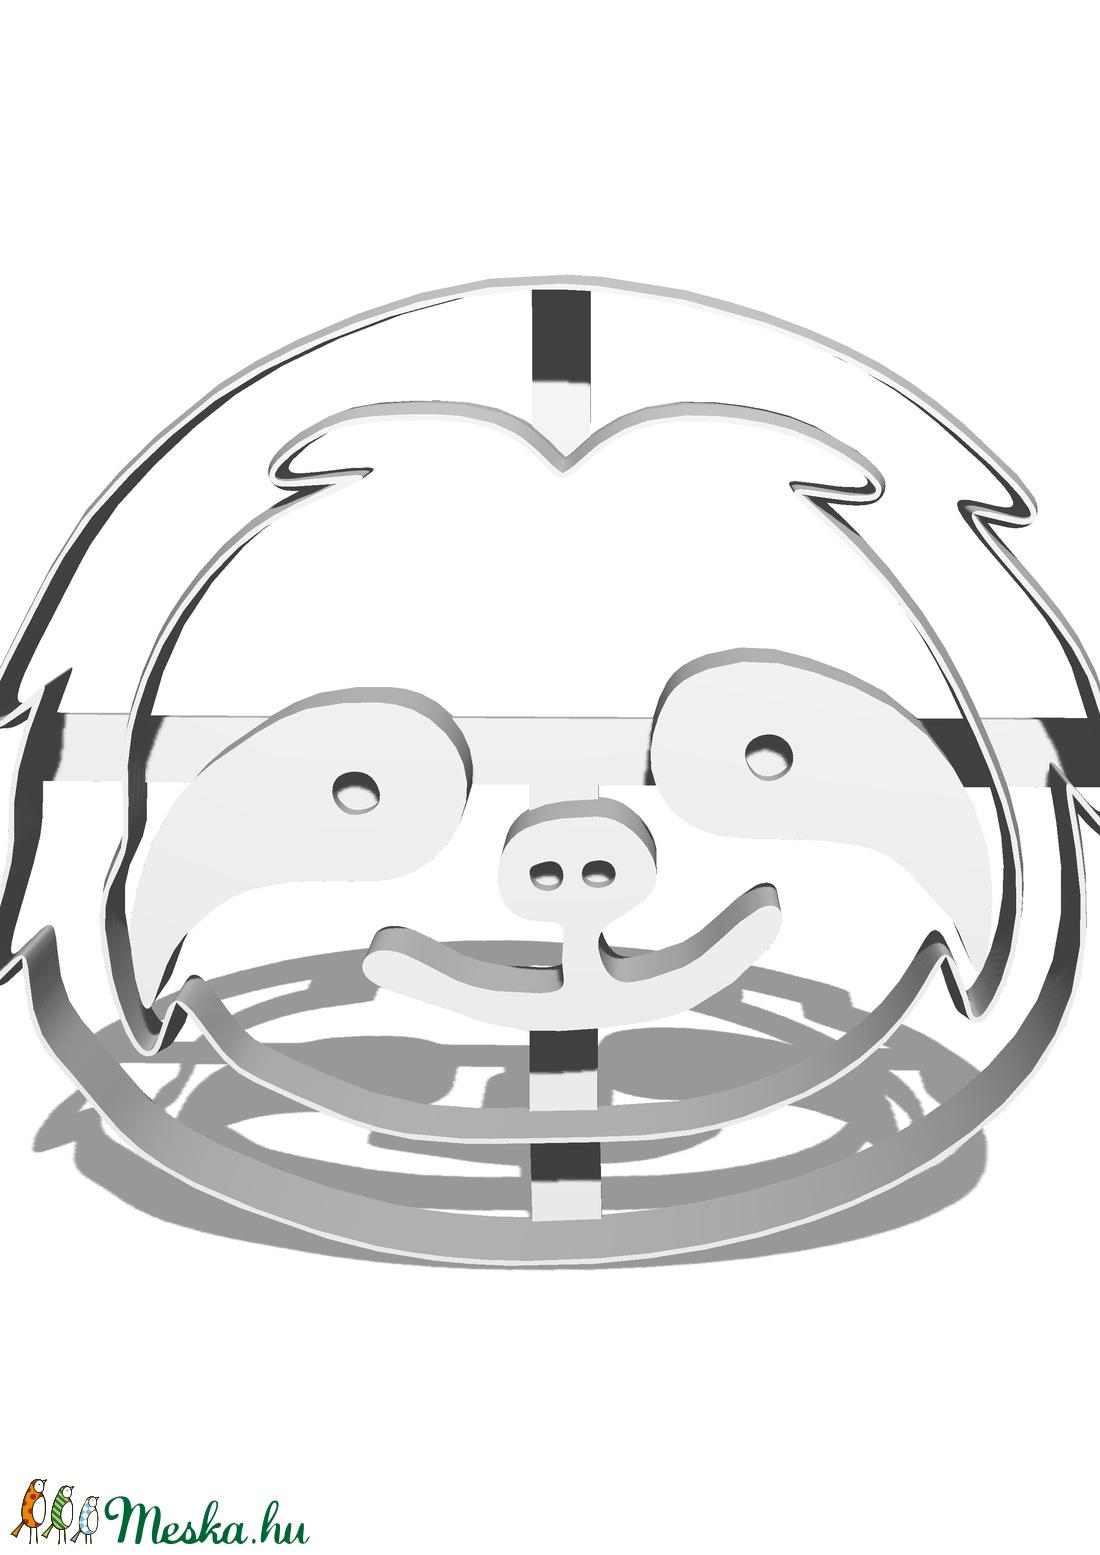 Műanyag fondant-marcipán-gyurma kiszúró, formalyukasztó lajhár fej - szerszámok, eszközök - vágóeszköz, kézi - Meska.hu